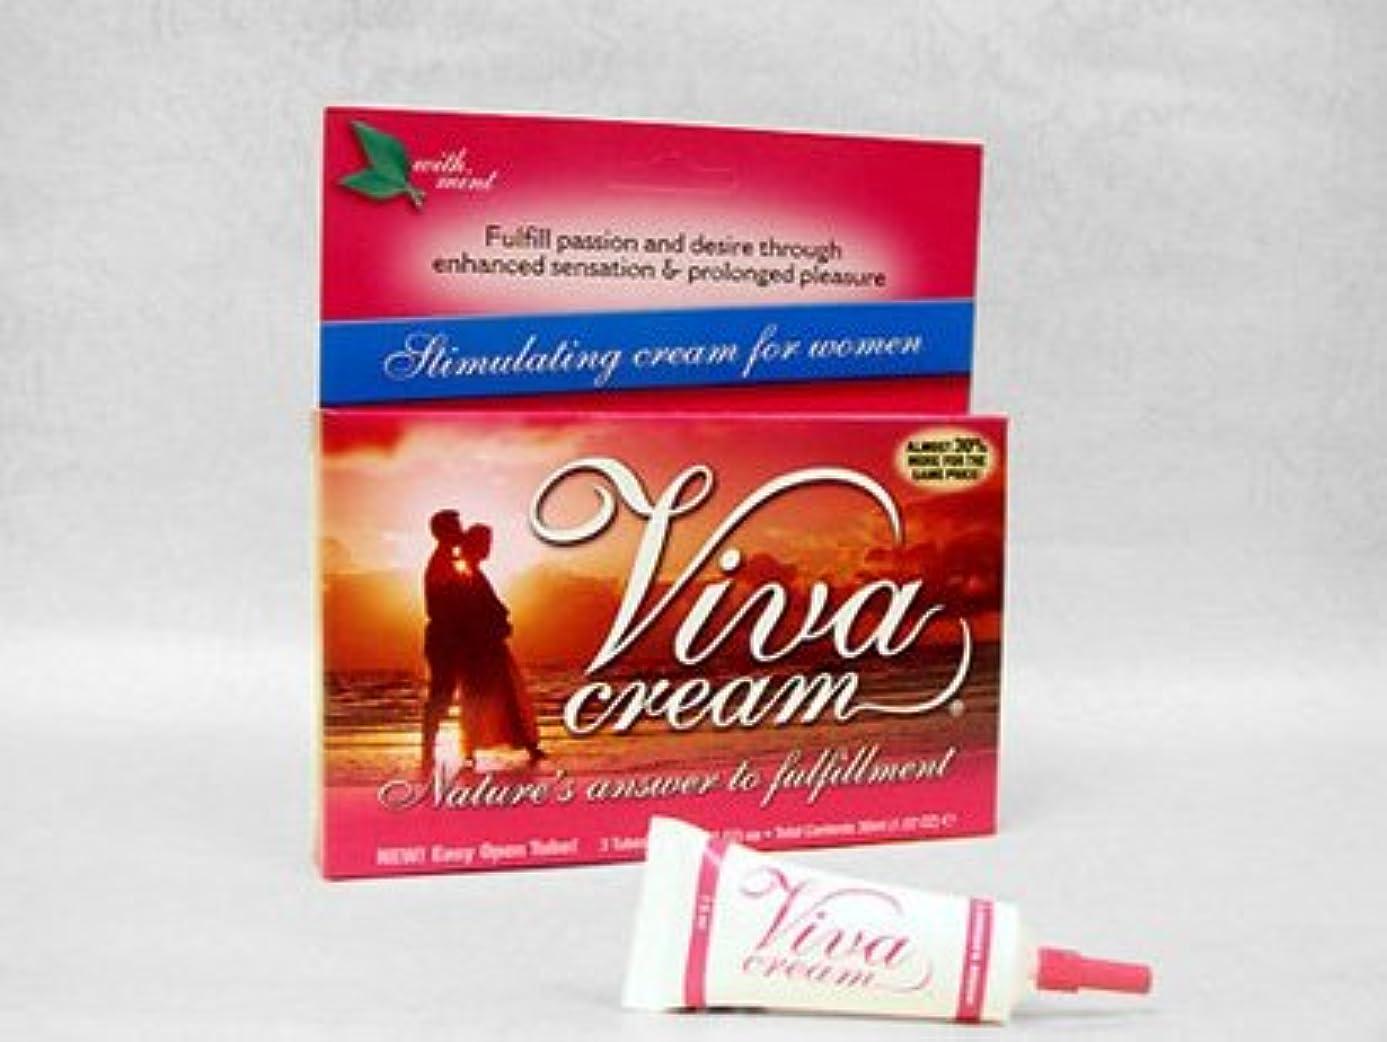 フィッティング引用波ビバクリーム Viva Cream (7.5ml) 6本セット